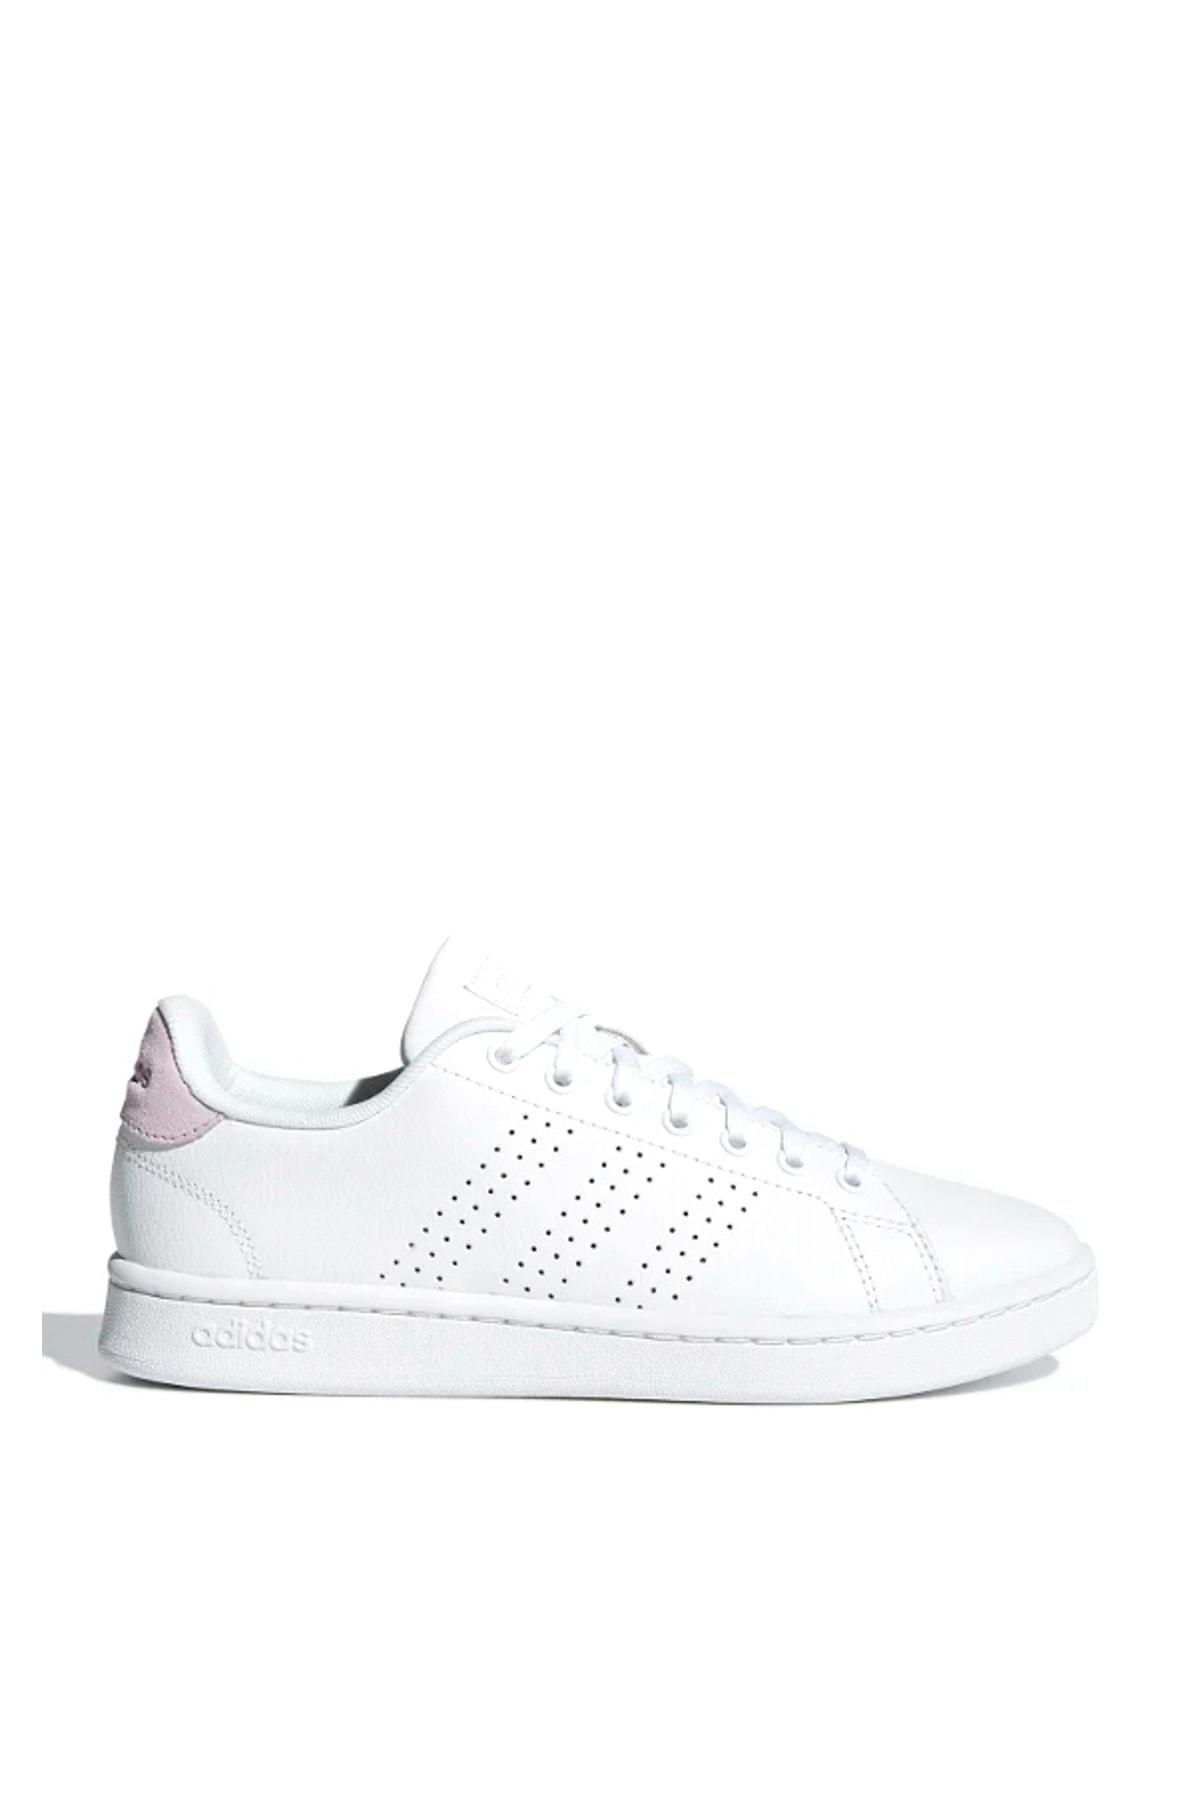 adidas ADVANTAGE Beyaz Kadın Sneaker Ayakkabı 100403642 1